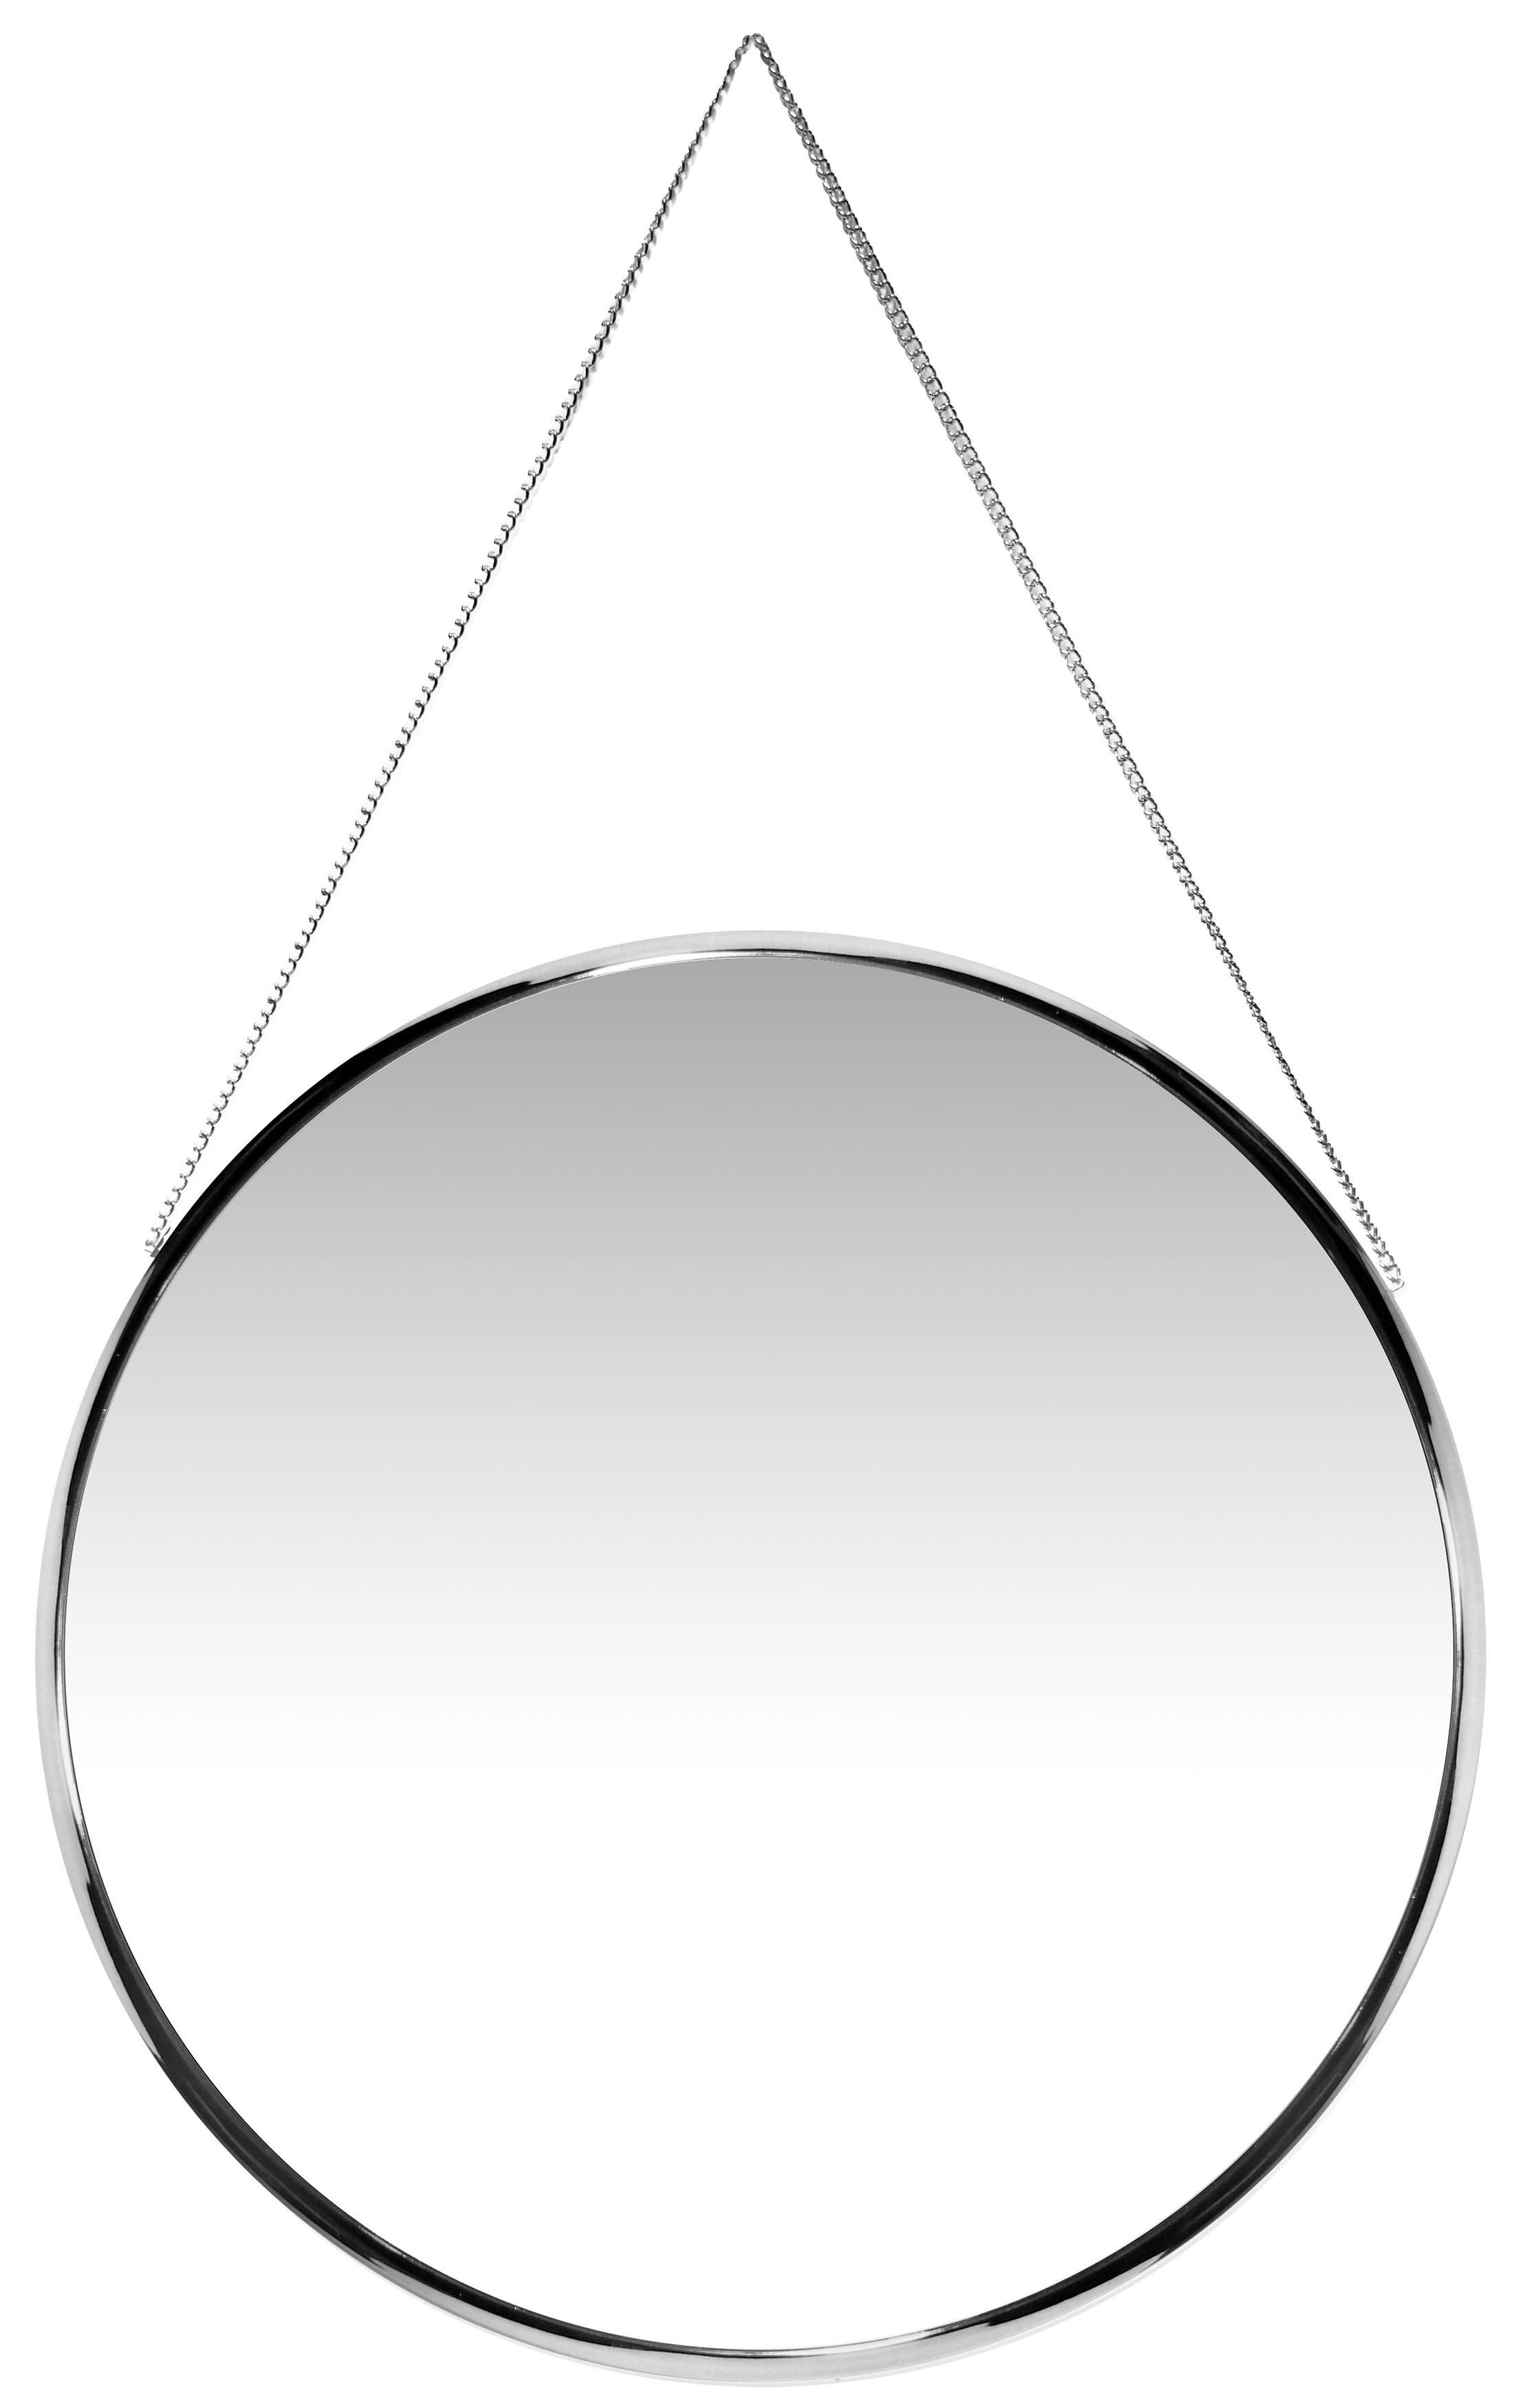 Rhein Accent Mirror With Regard To Rhein Accent Mirrors (Image 17 of 20)